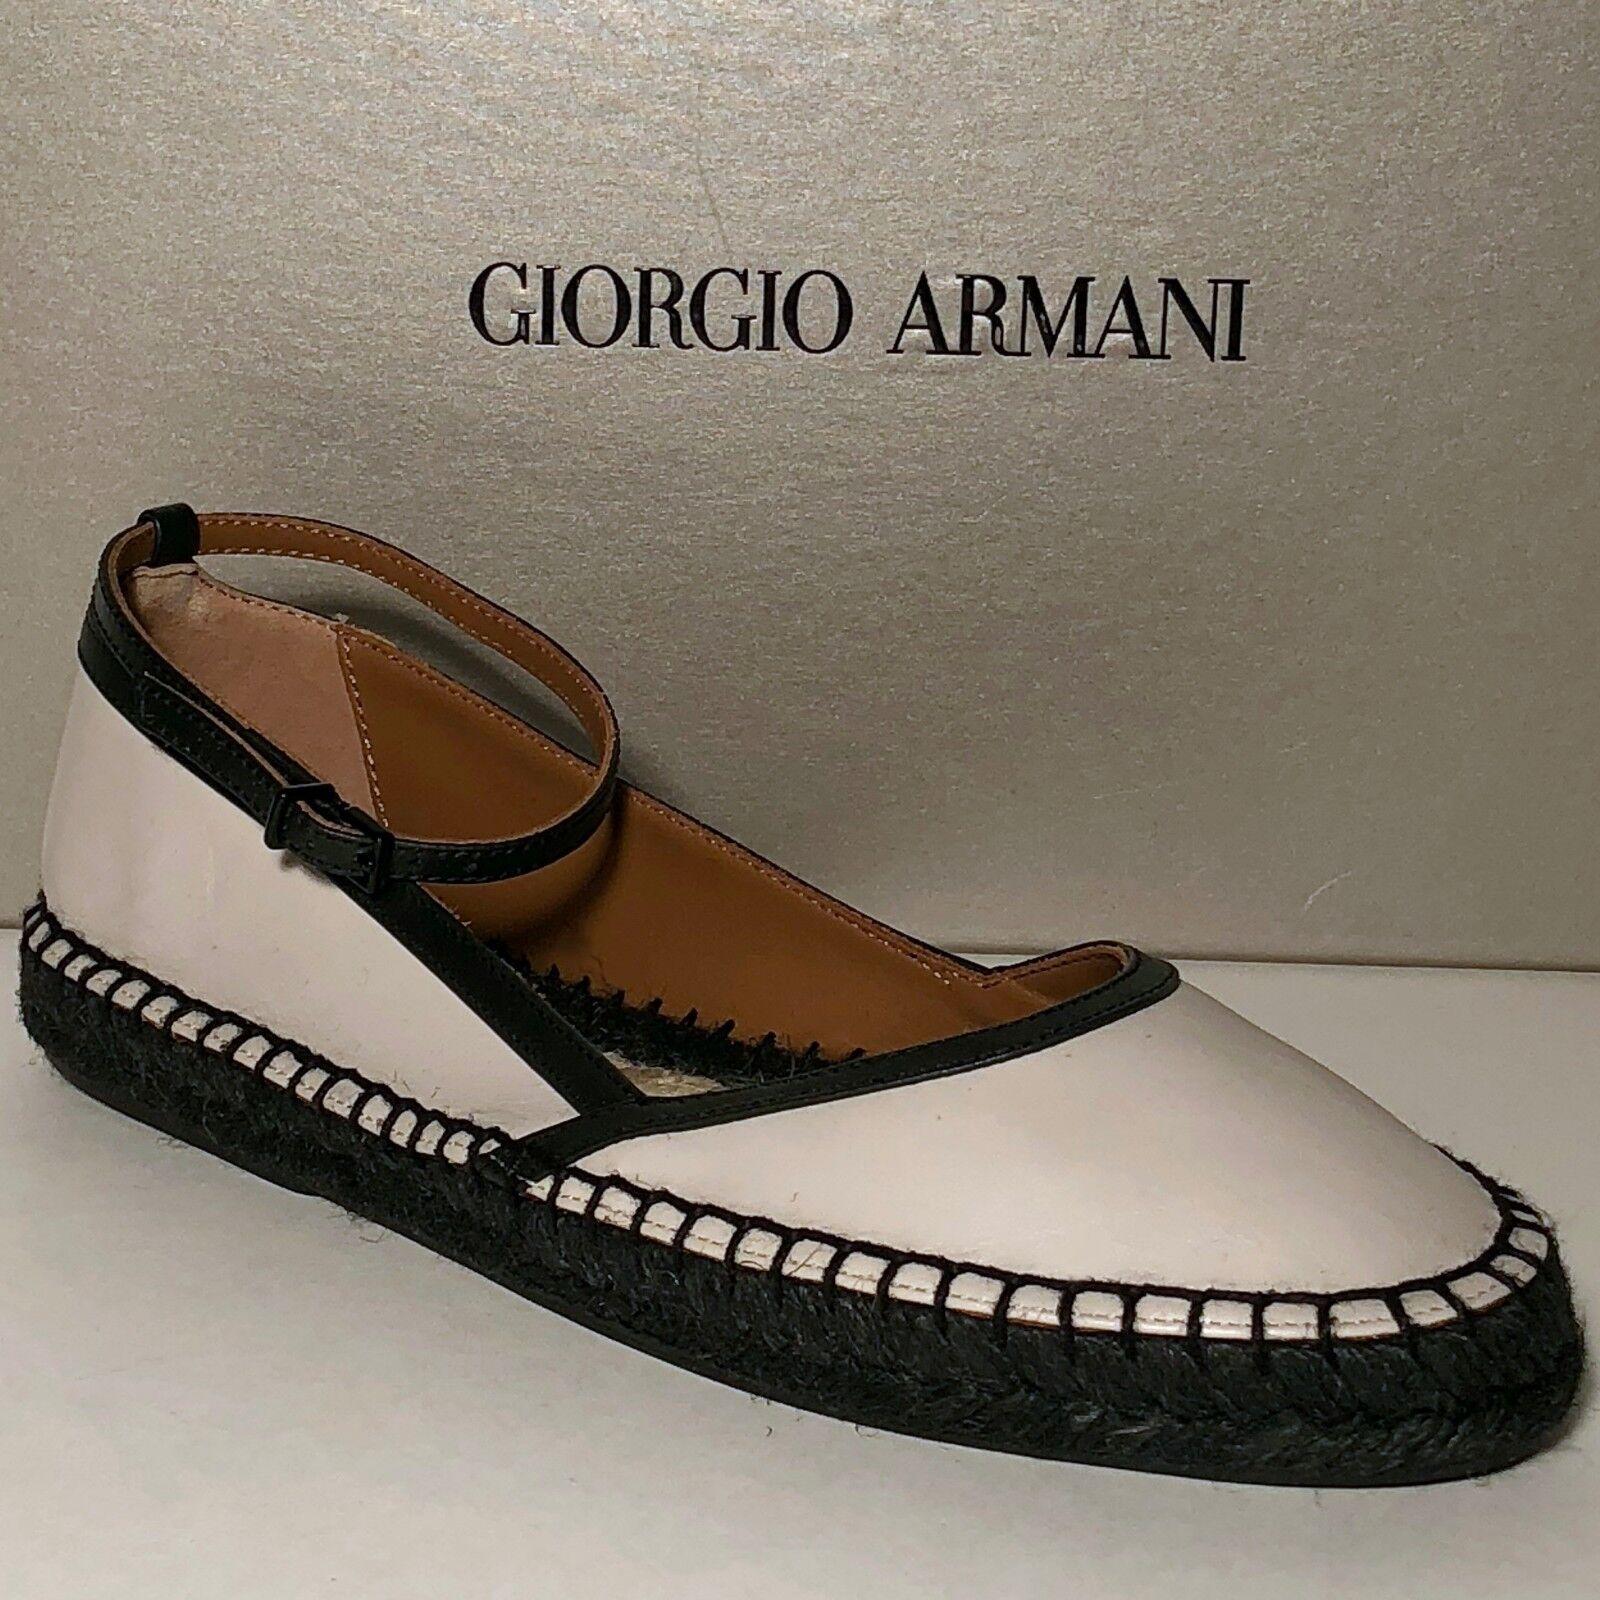 425 Giorgio Armani Femmes Noir Couleur Chair X1S010 Cuir 6 36 Fashion Sandals Flats